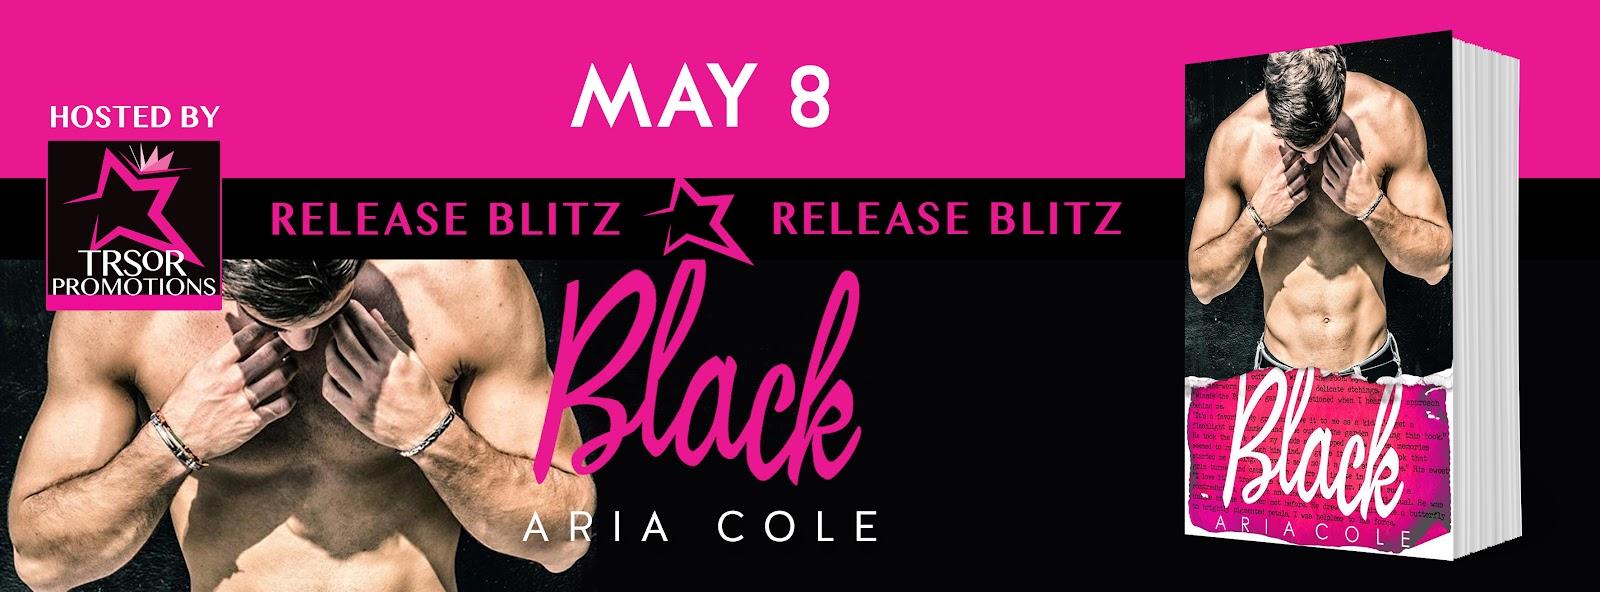 BLACK_RELEASE_BLITZ.jpg